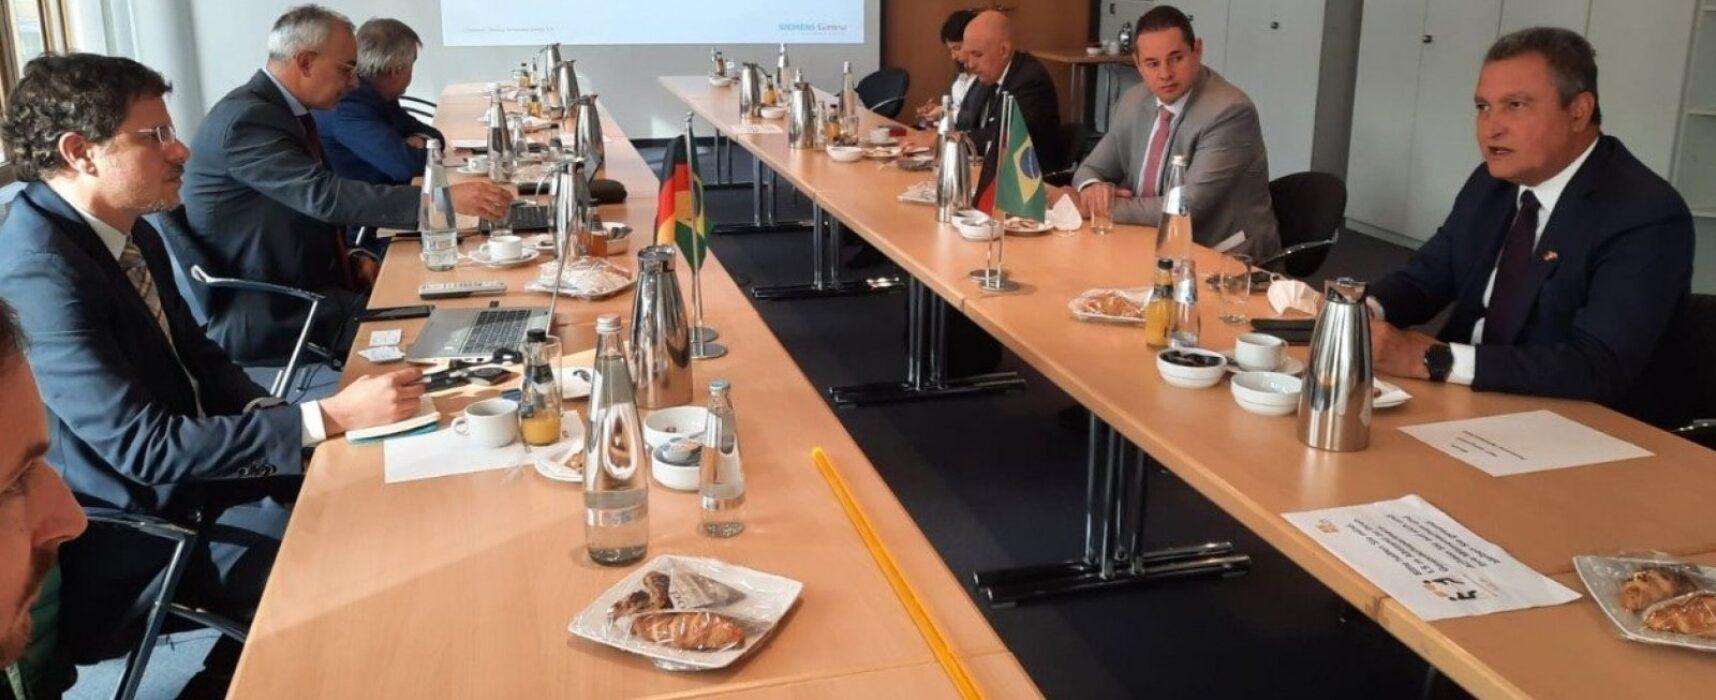 Na Alemanha, governador tenta atrair projeto de energia renovável para indústria baiana